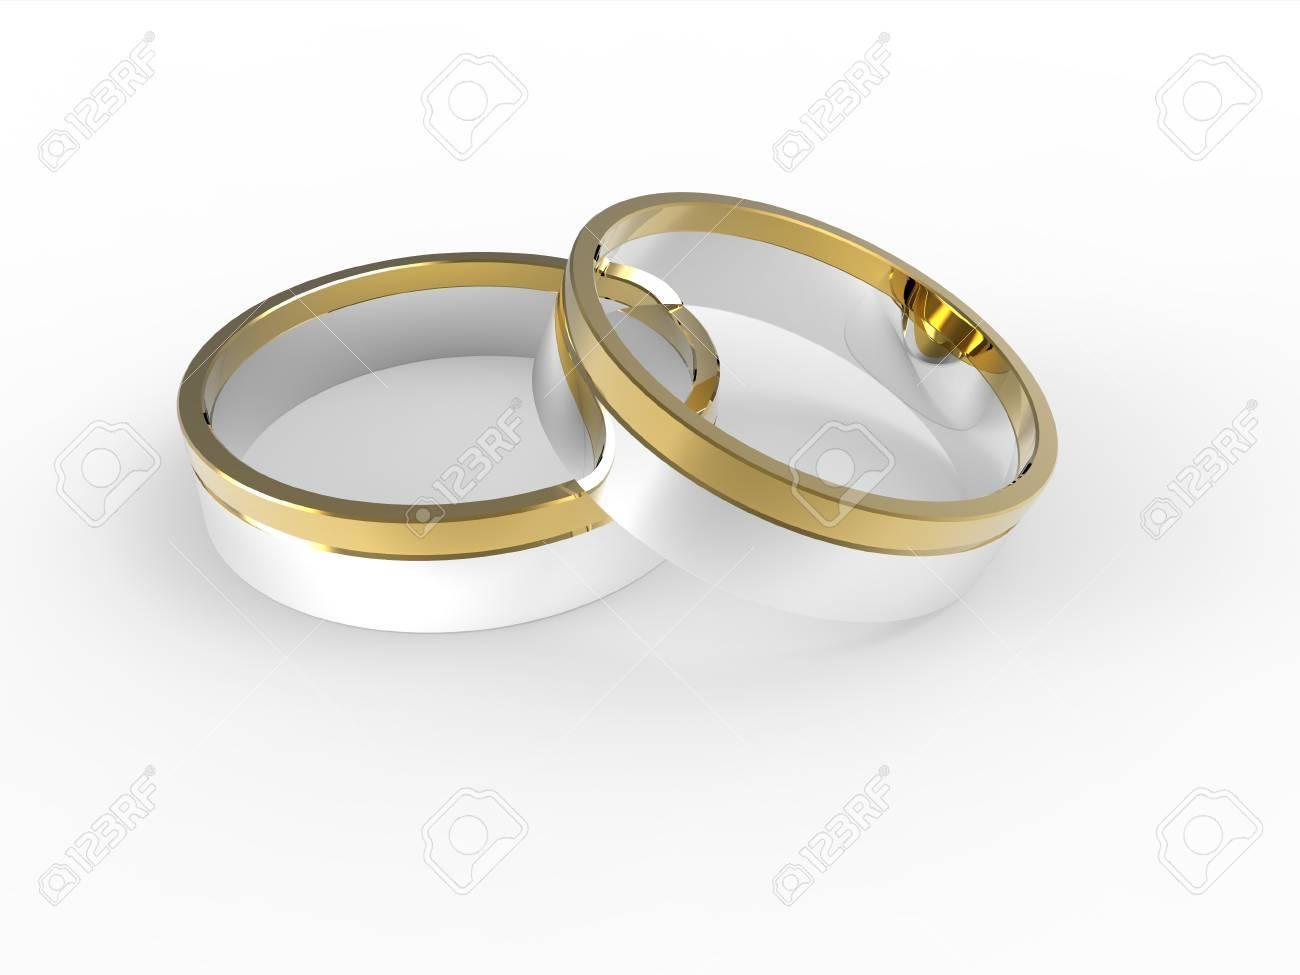 Goldene Und Silberne Hochzeit Ringe Isoliert Auf Weissem Hintergrund